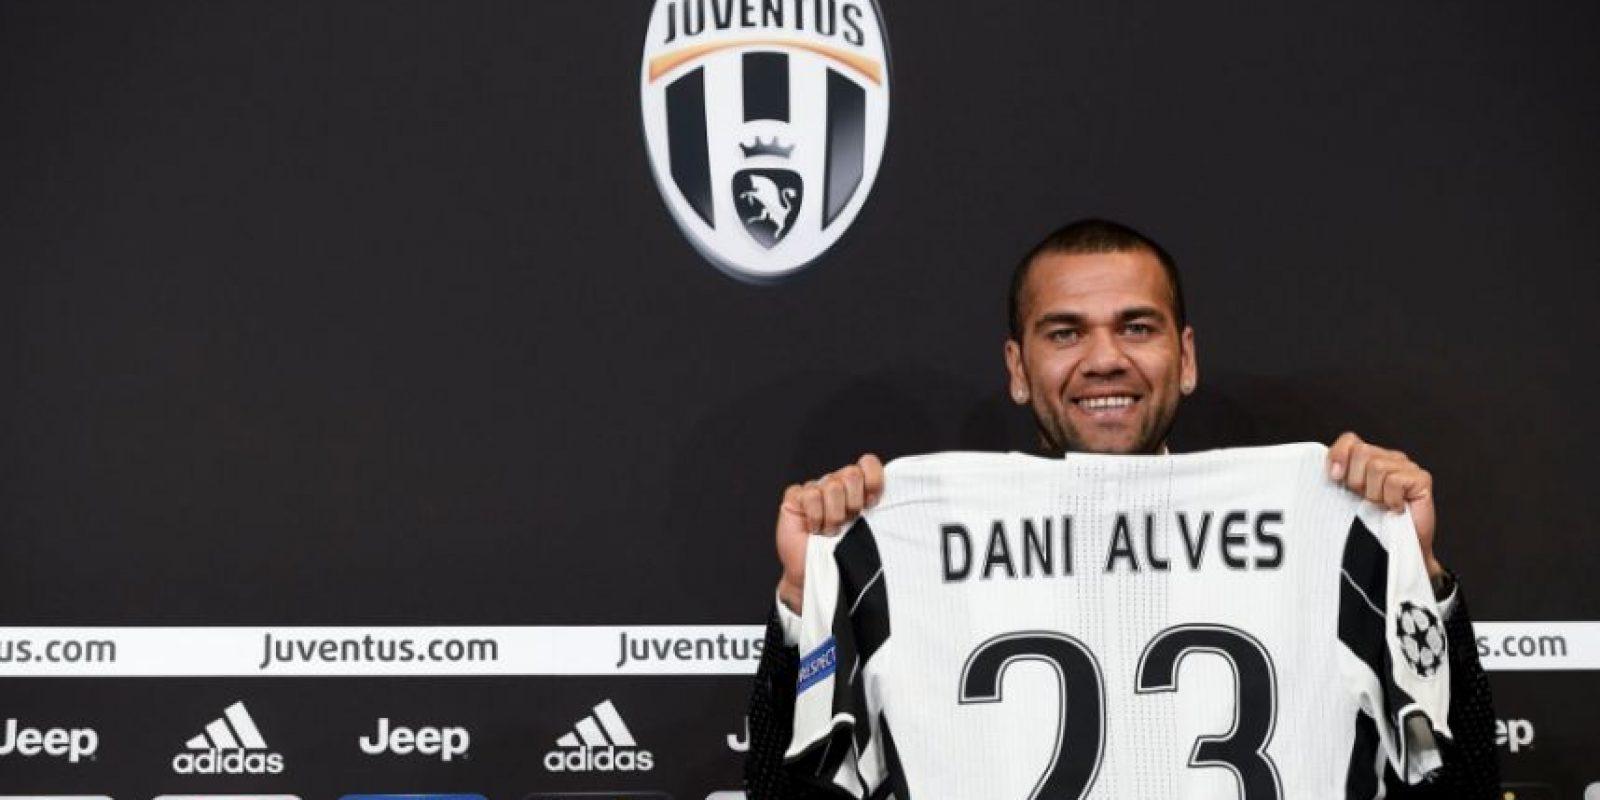 El '2' ya no será el dorsal que estará en la espalda de Dani Alves Foto:Sitio web oficial de Juventus